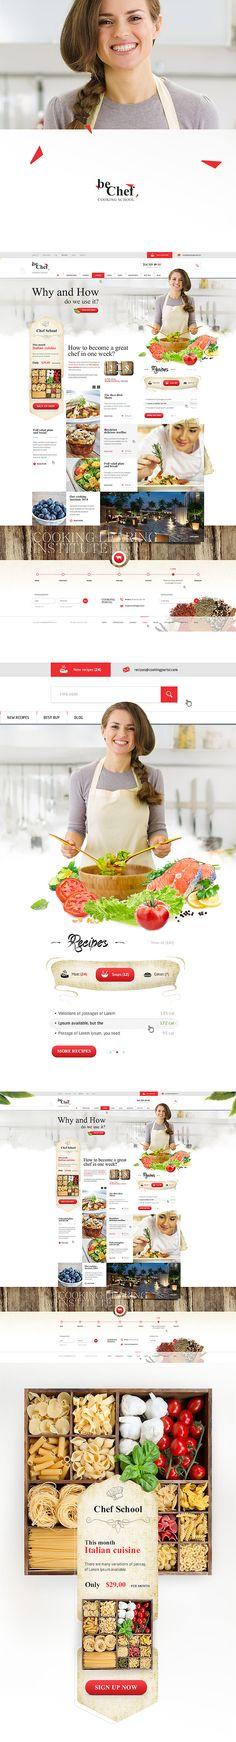 beChef – Cooking school